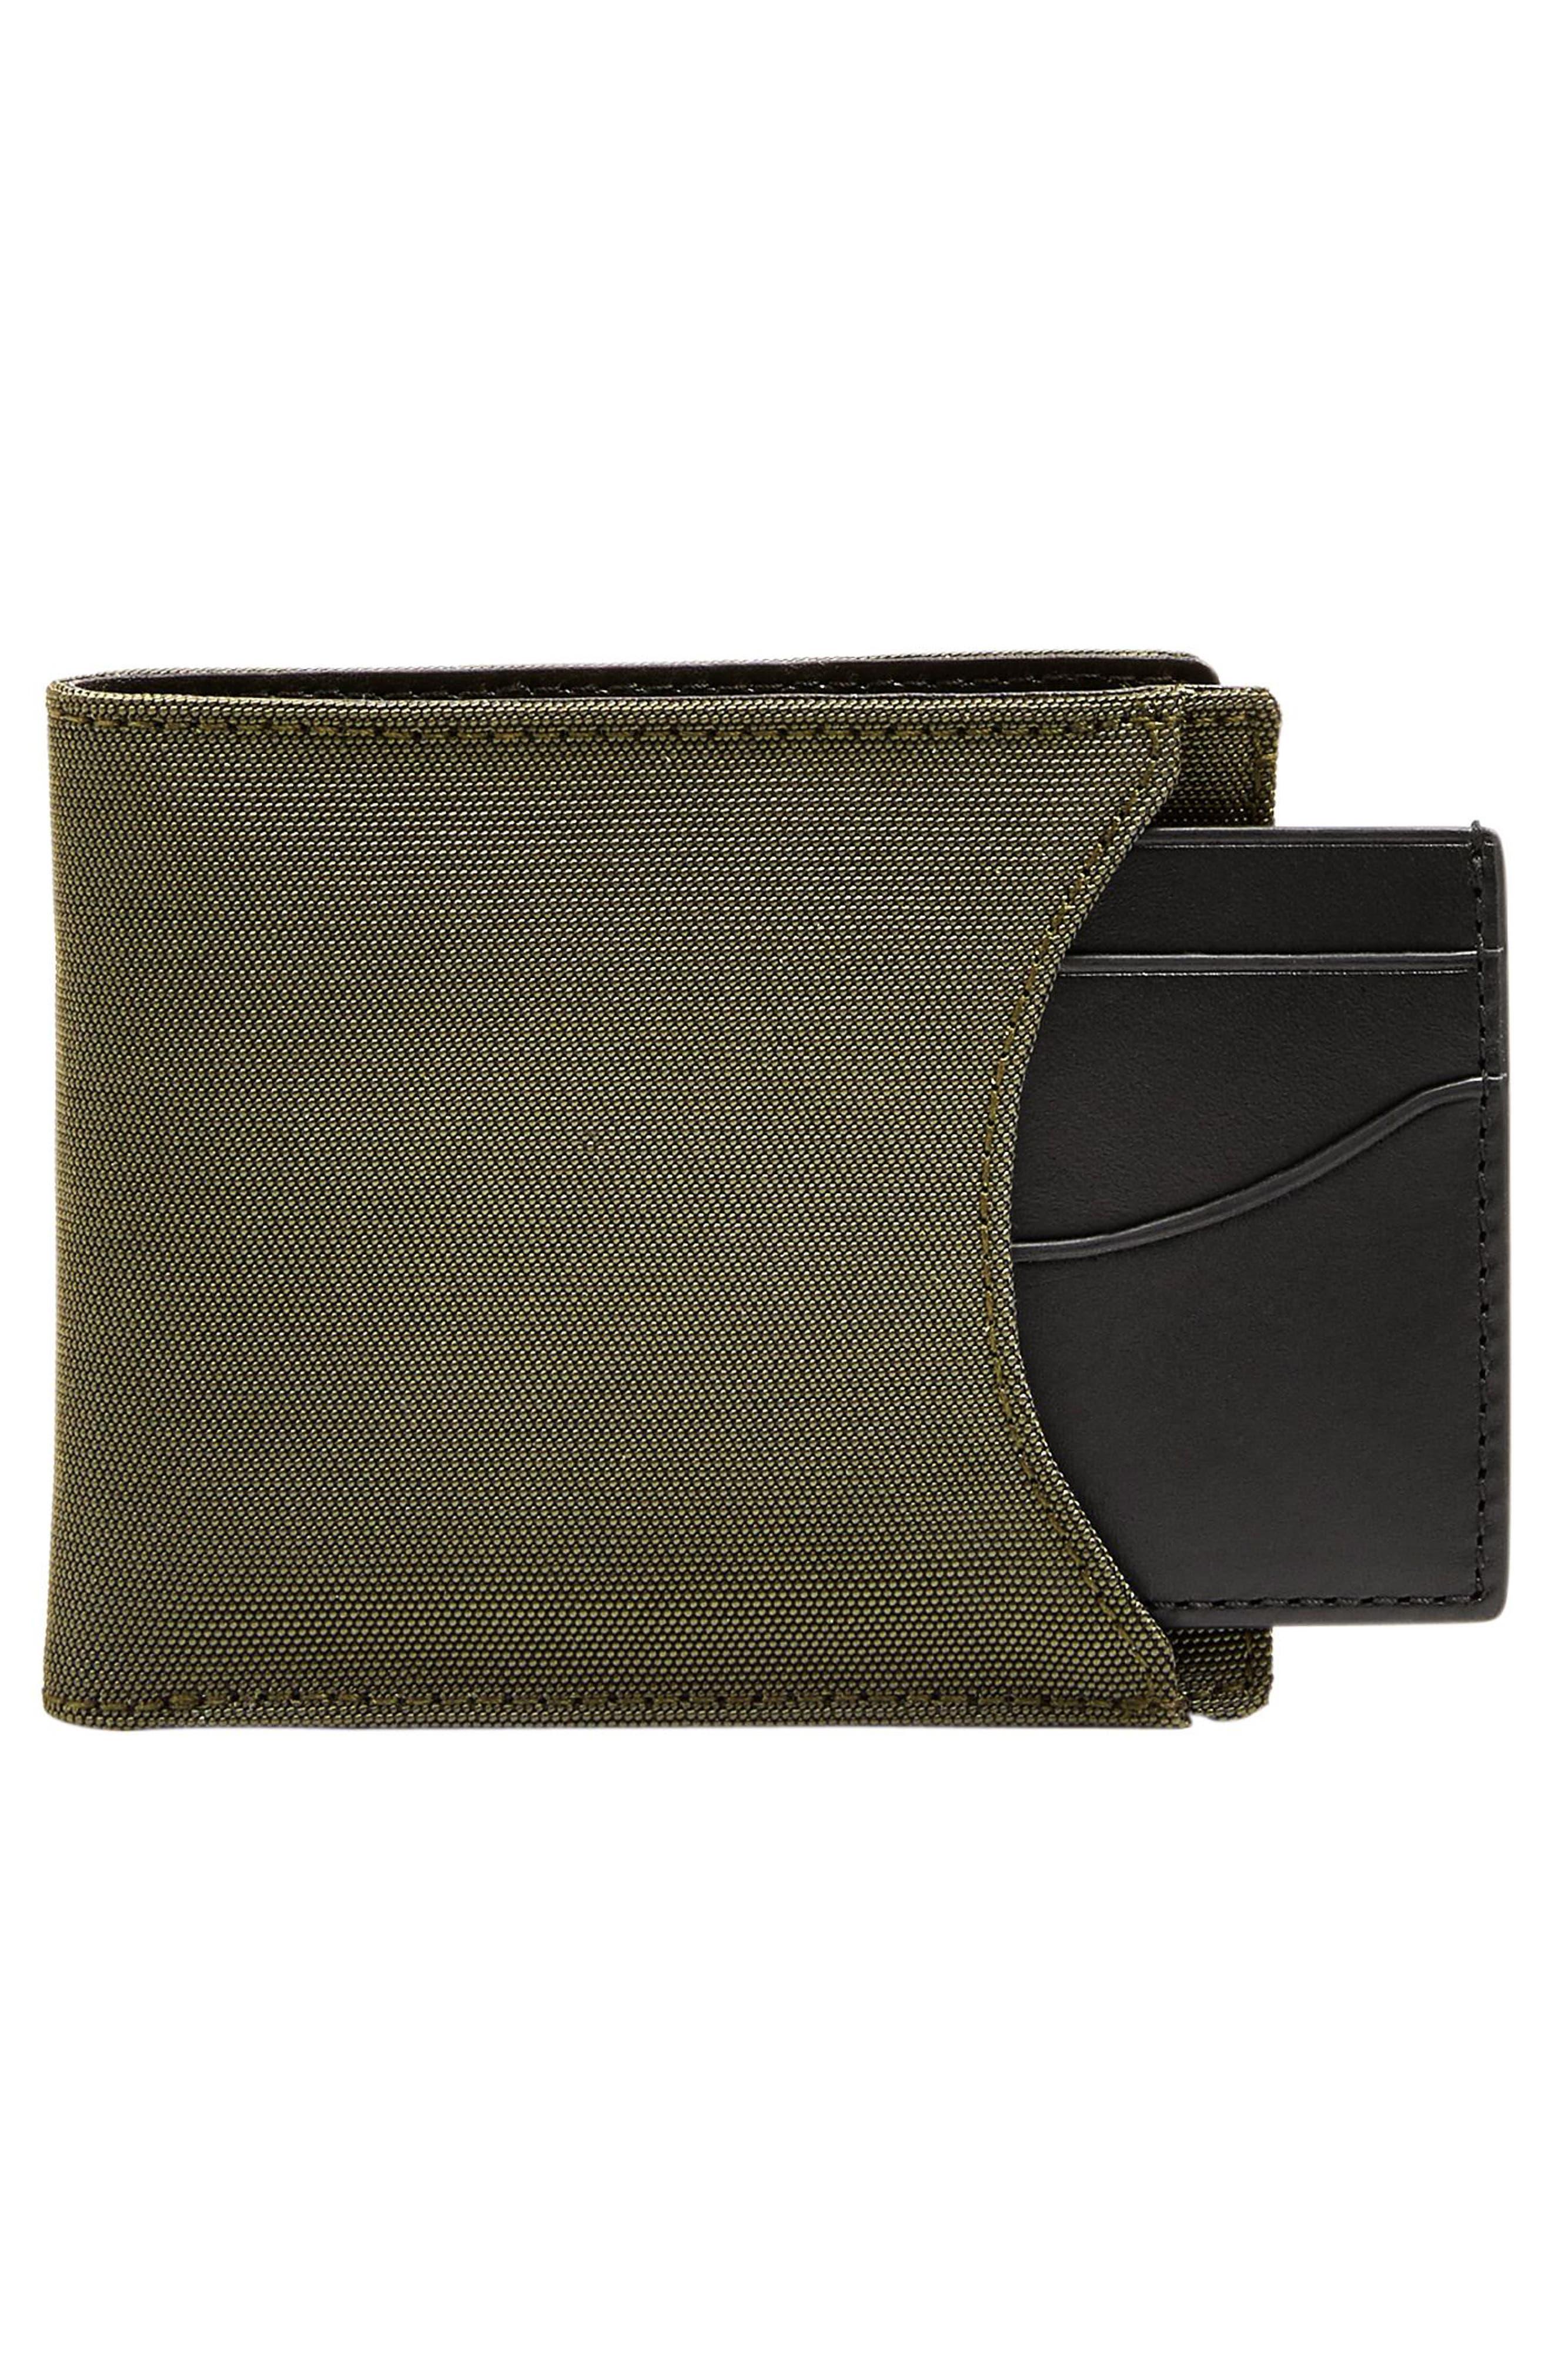 Passcase Wallet,                             Alternate thumbnail 2, color,                             348